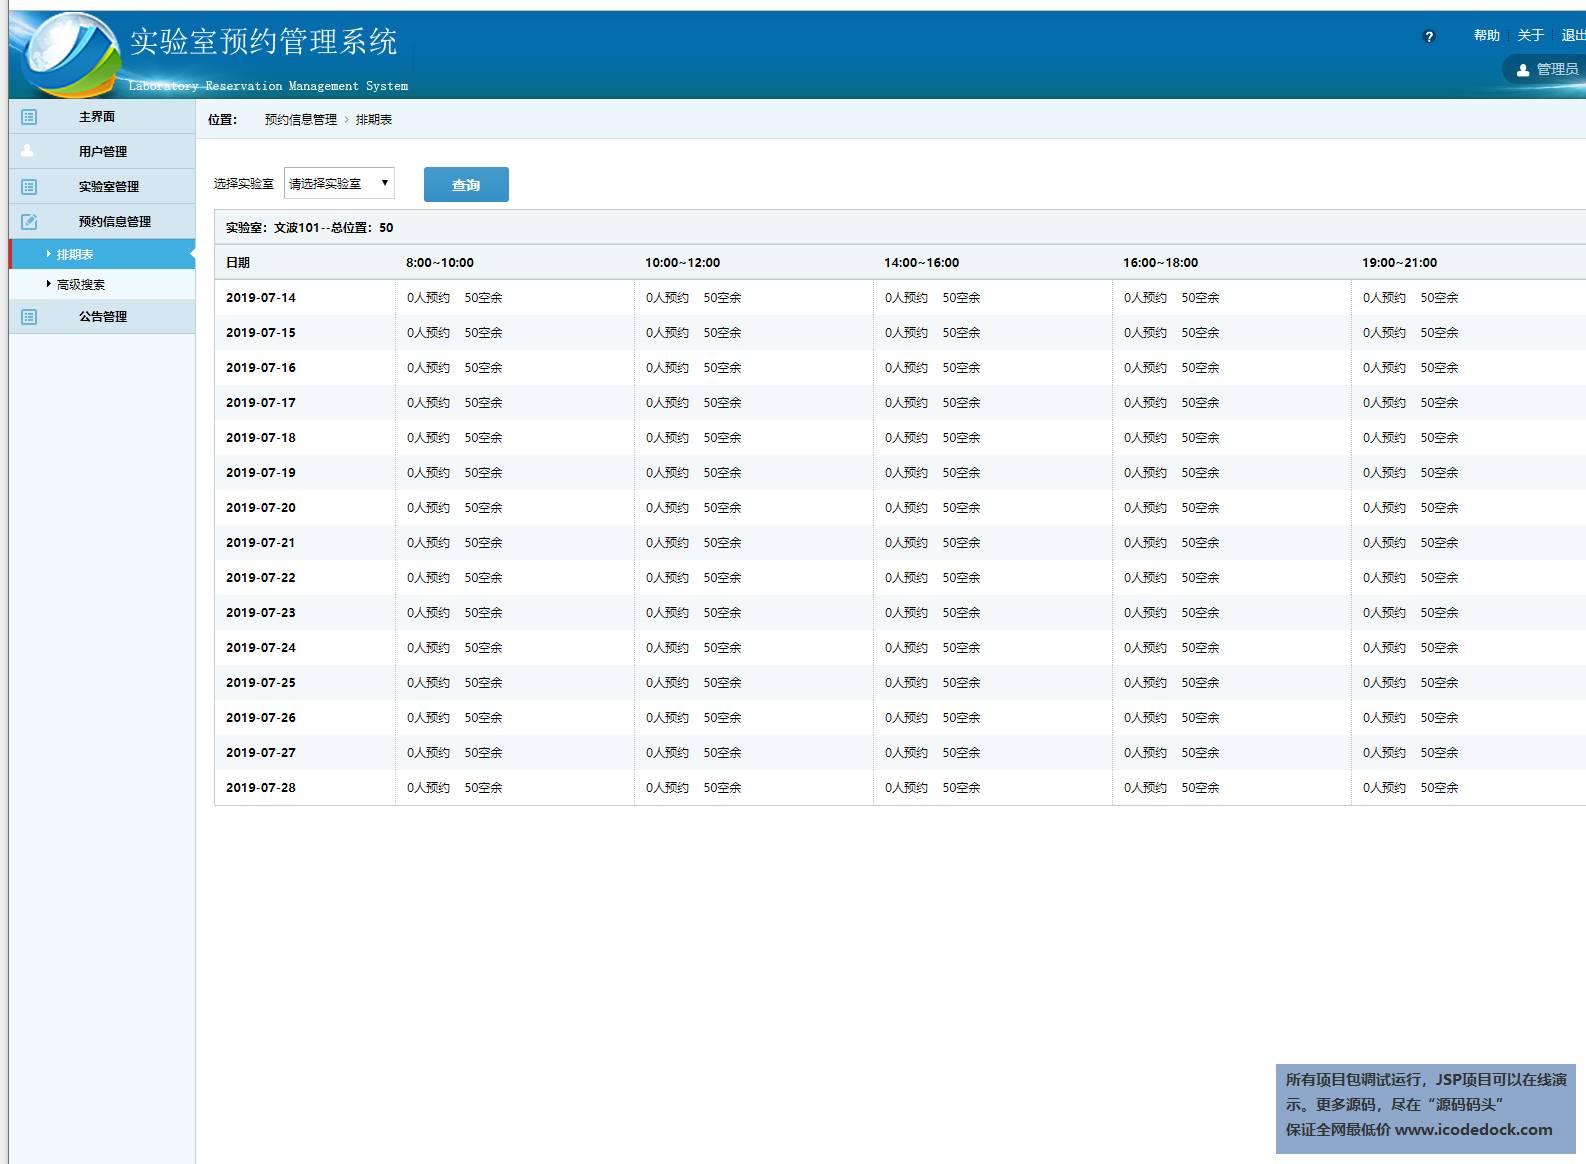 源码码头-SSH实验室预约管理系统-管理员角色-查看预约信息